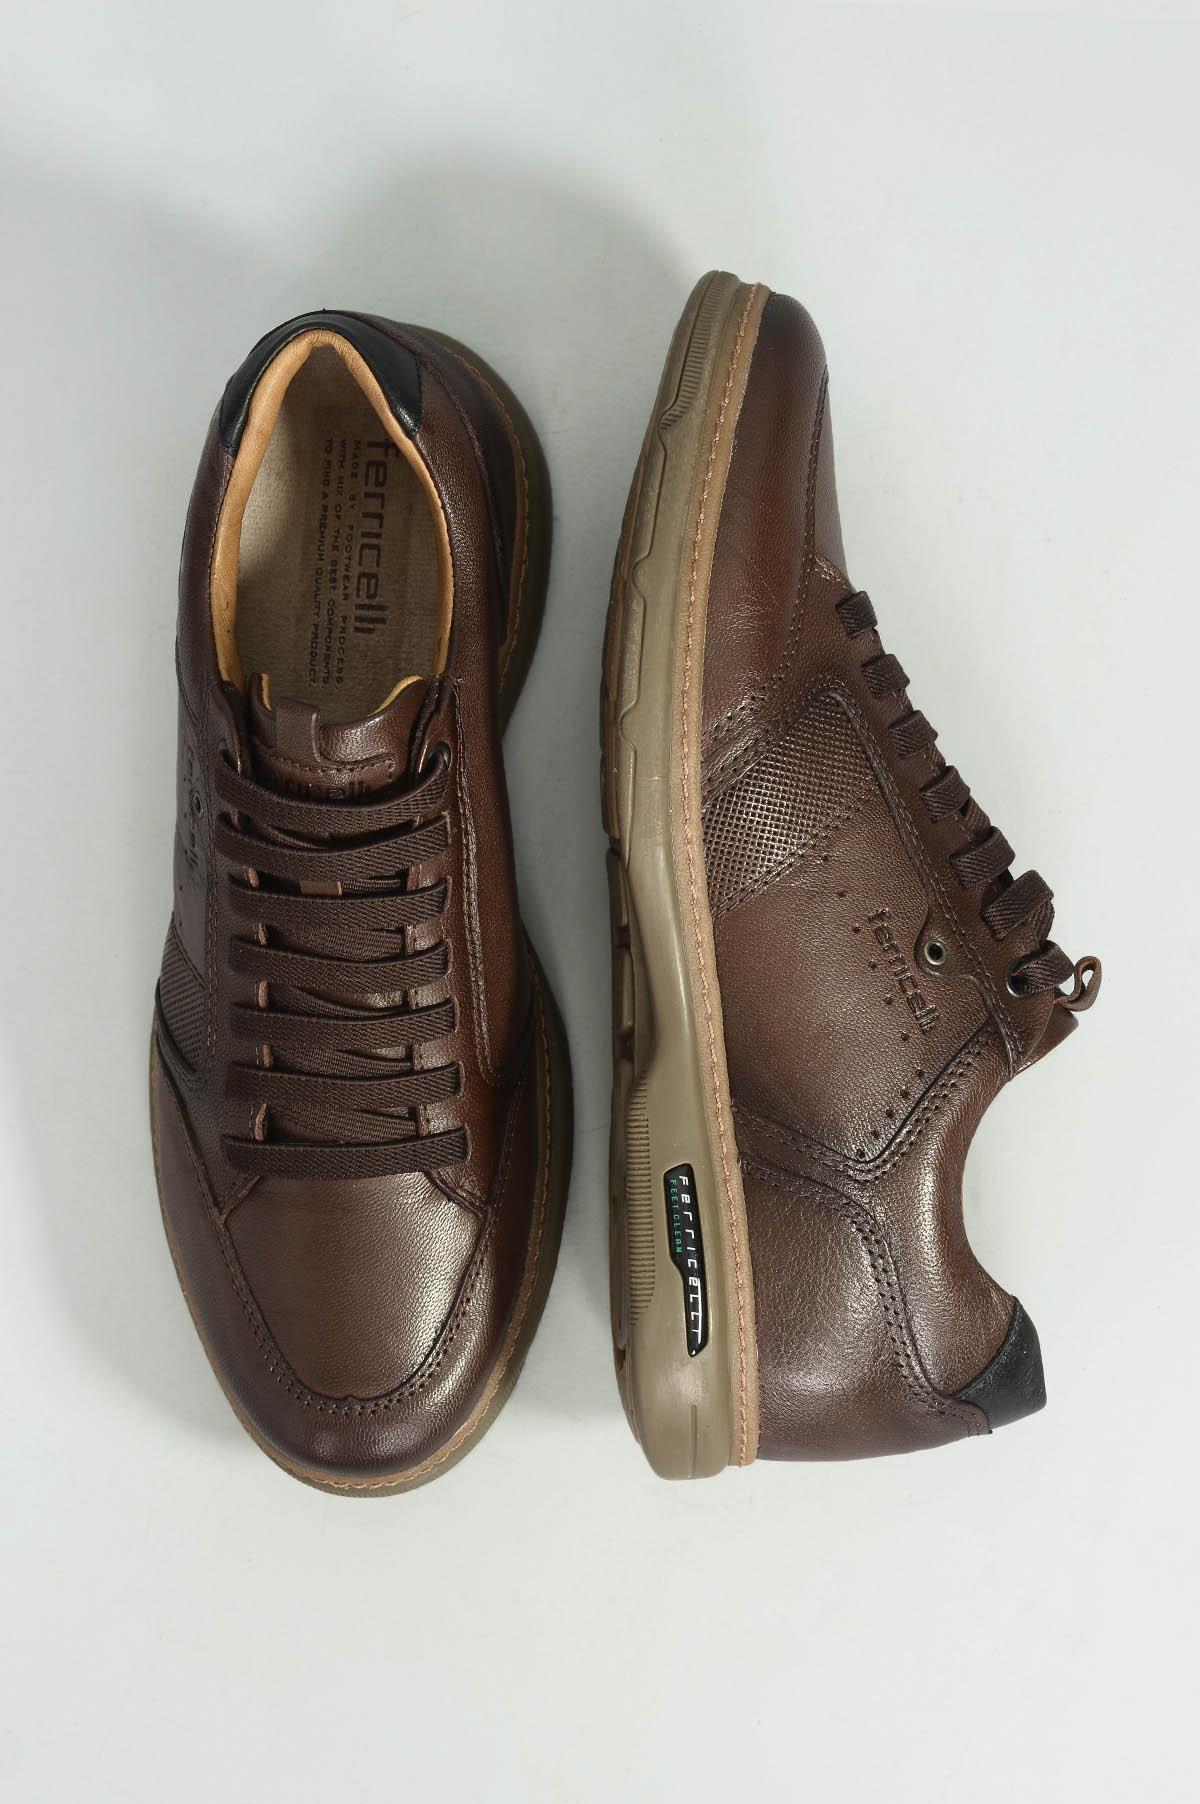 707b5c7e5 Sapatênis Masculino Ferricelli Bruno MARROM - Mundial Calçados